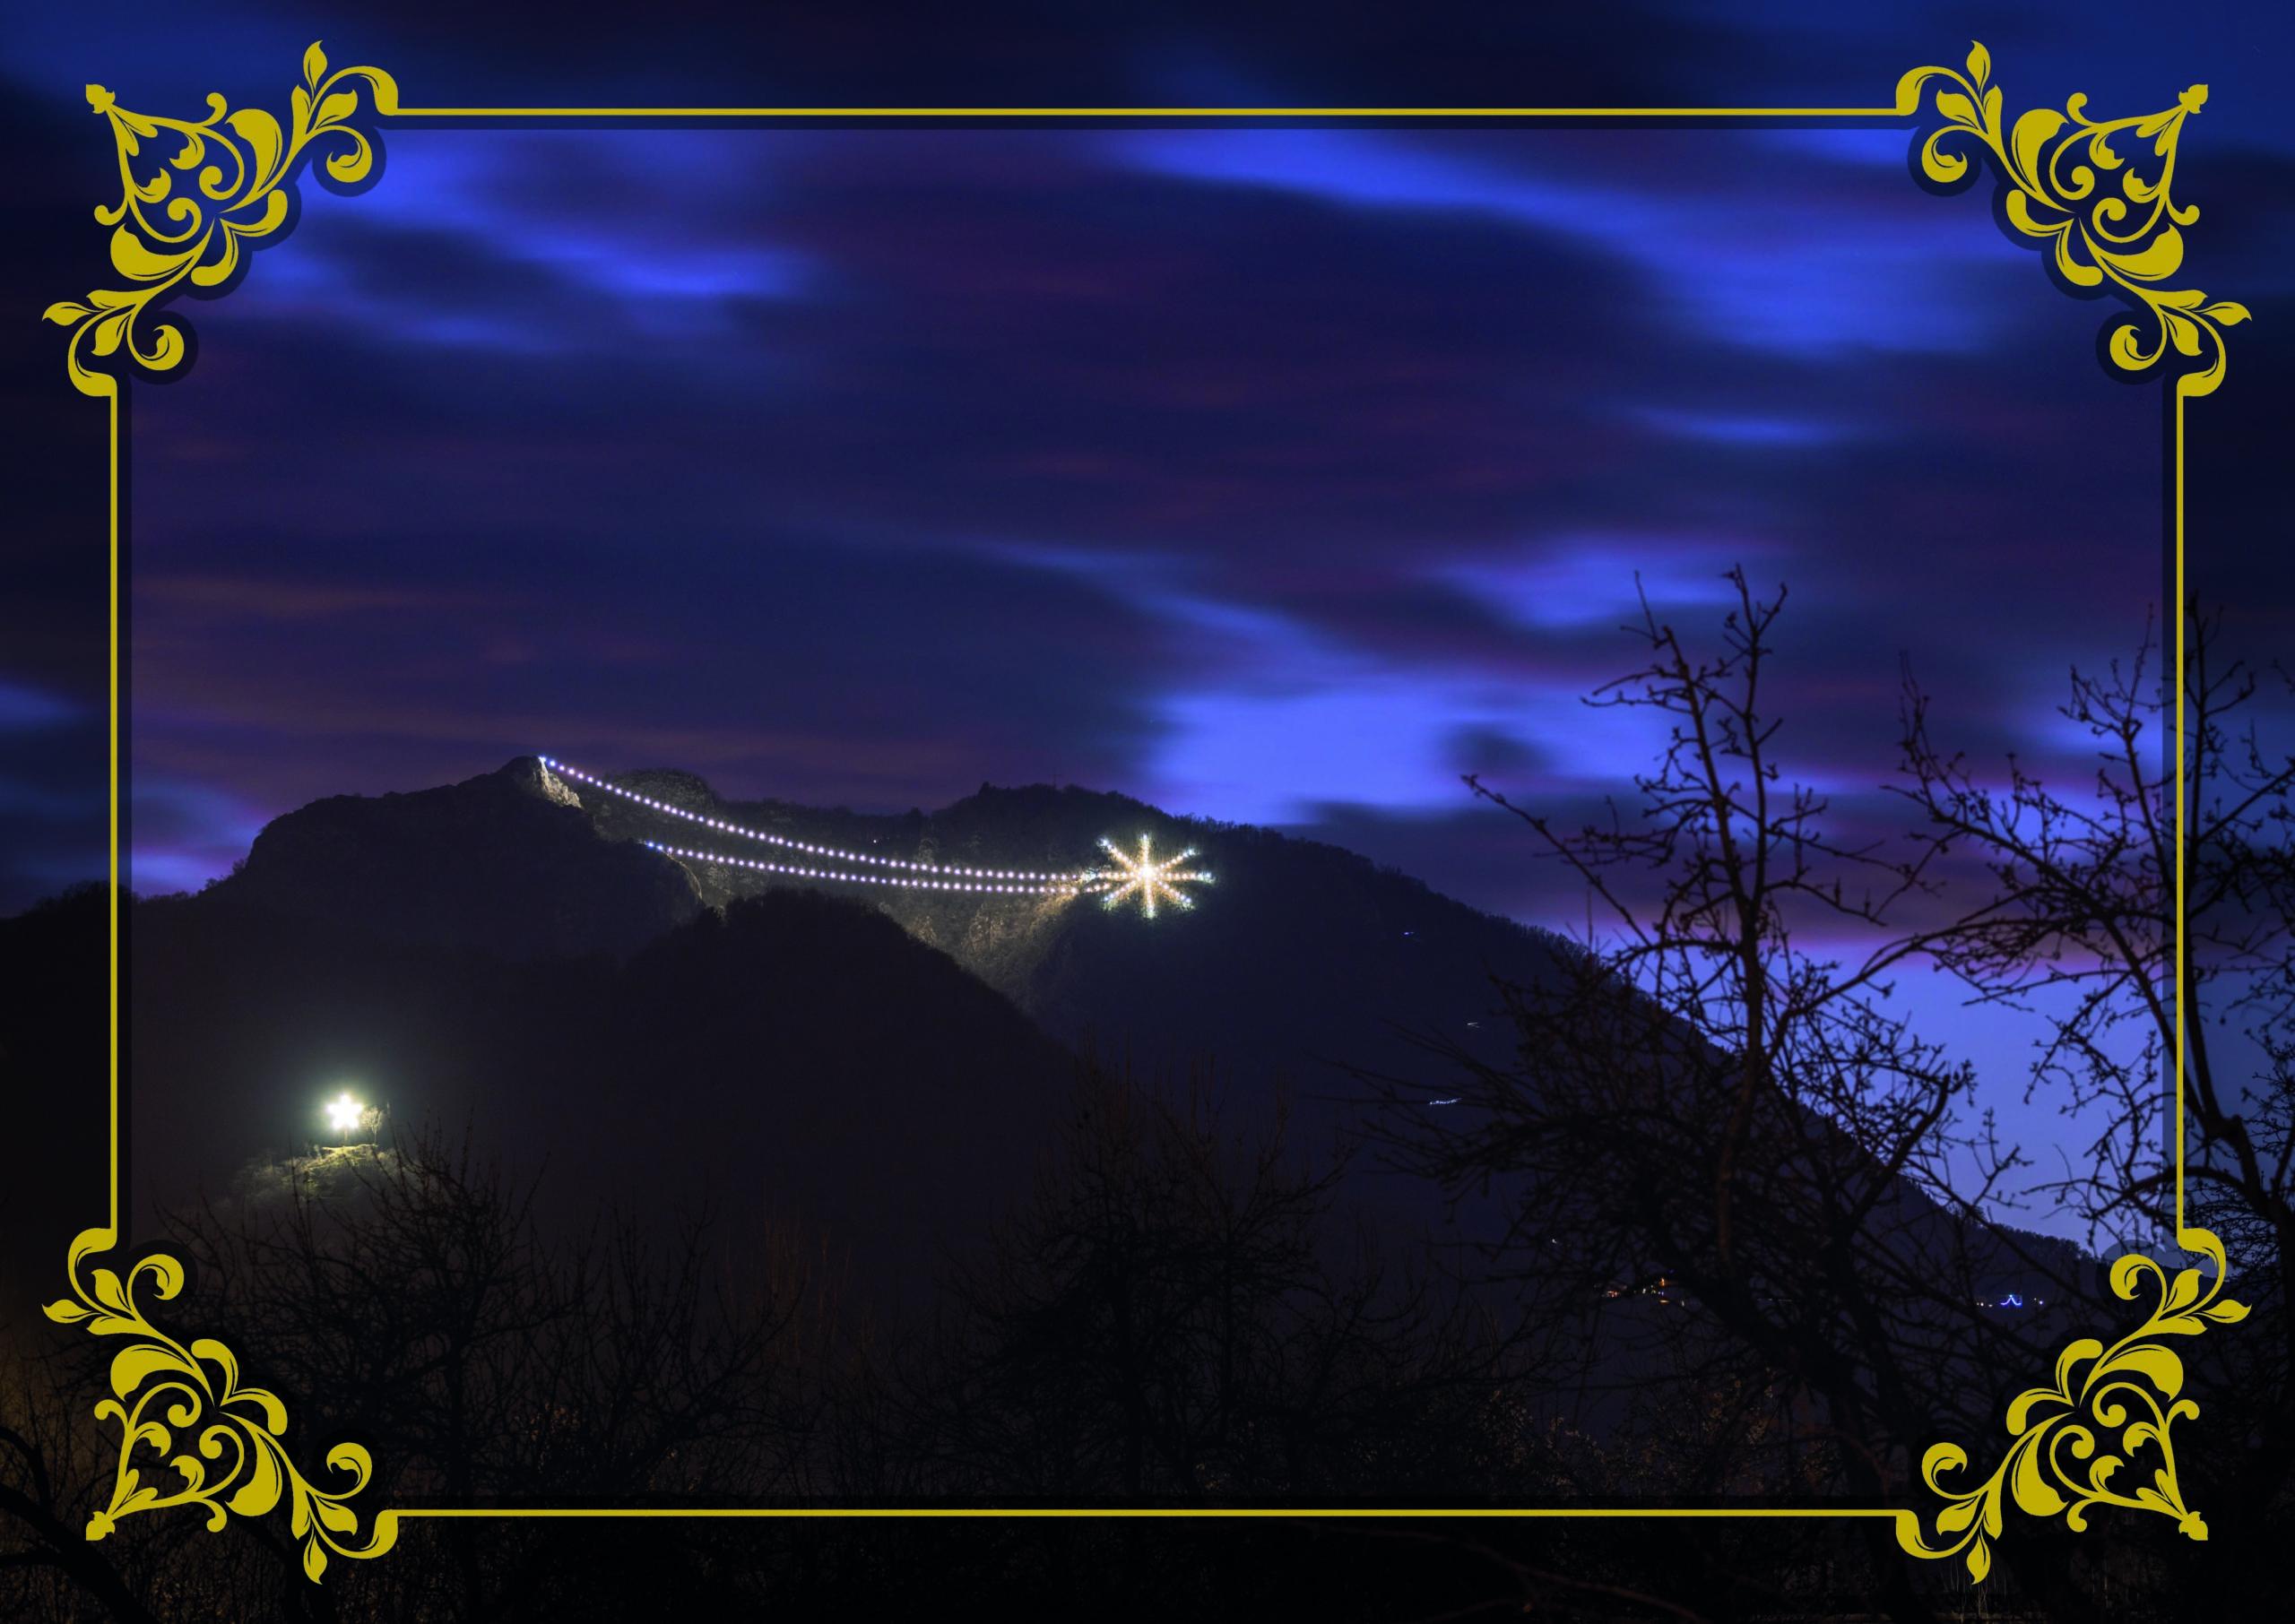 La nostra stella, al tempo del COVID-19